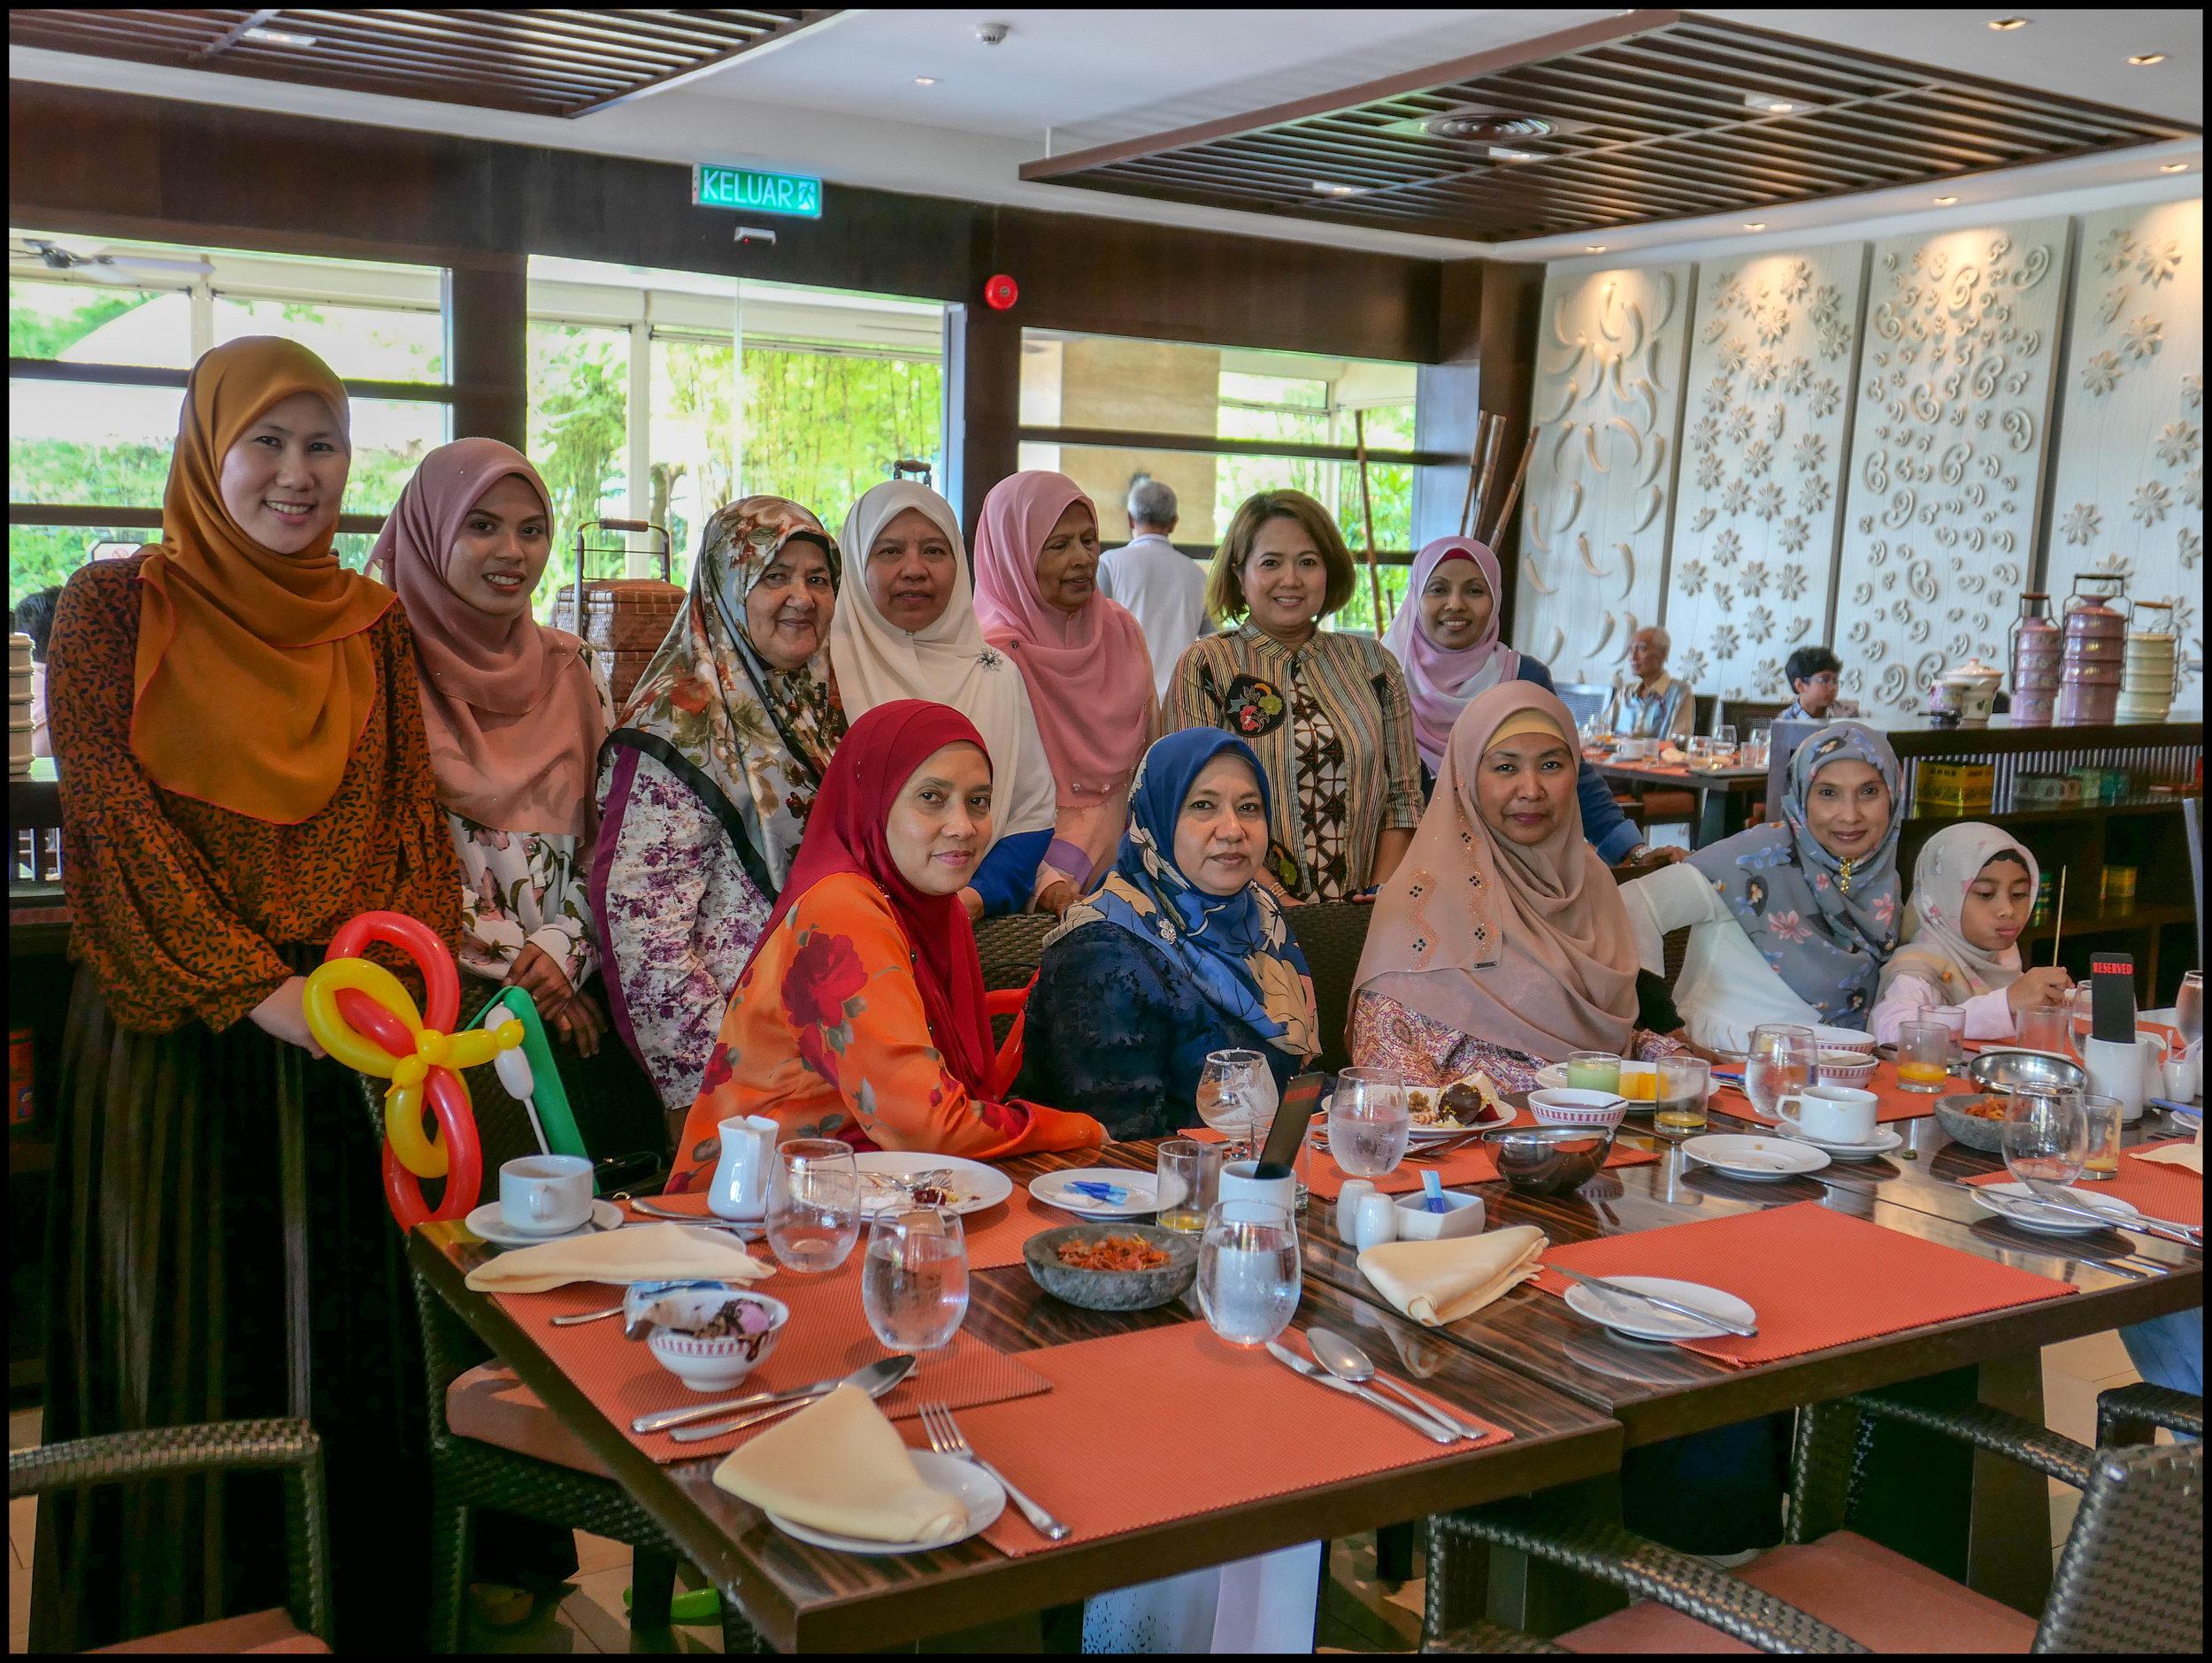 The ladies brigade